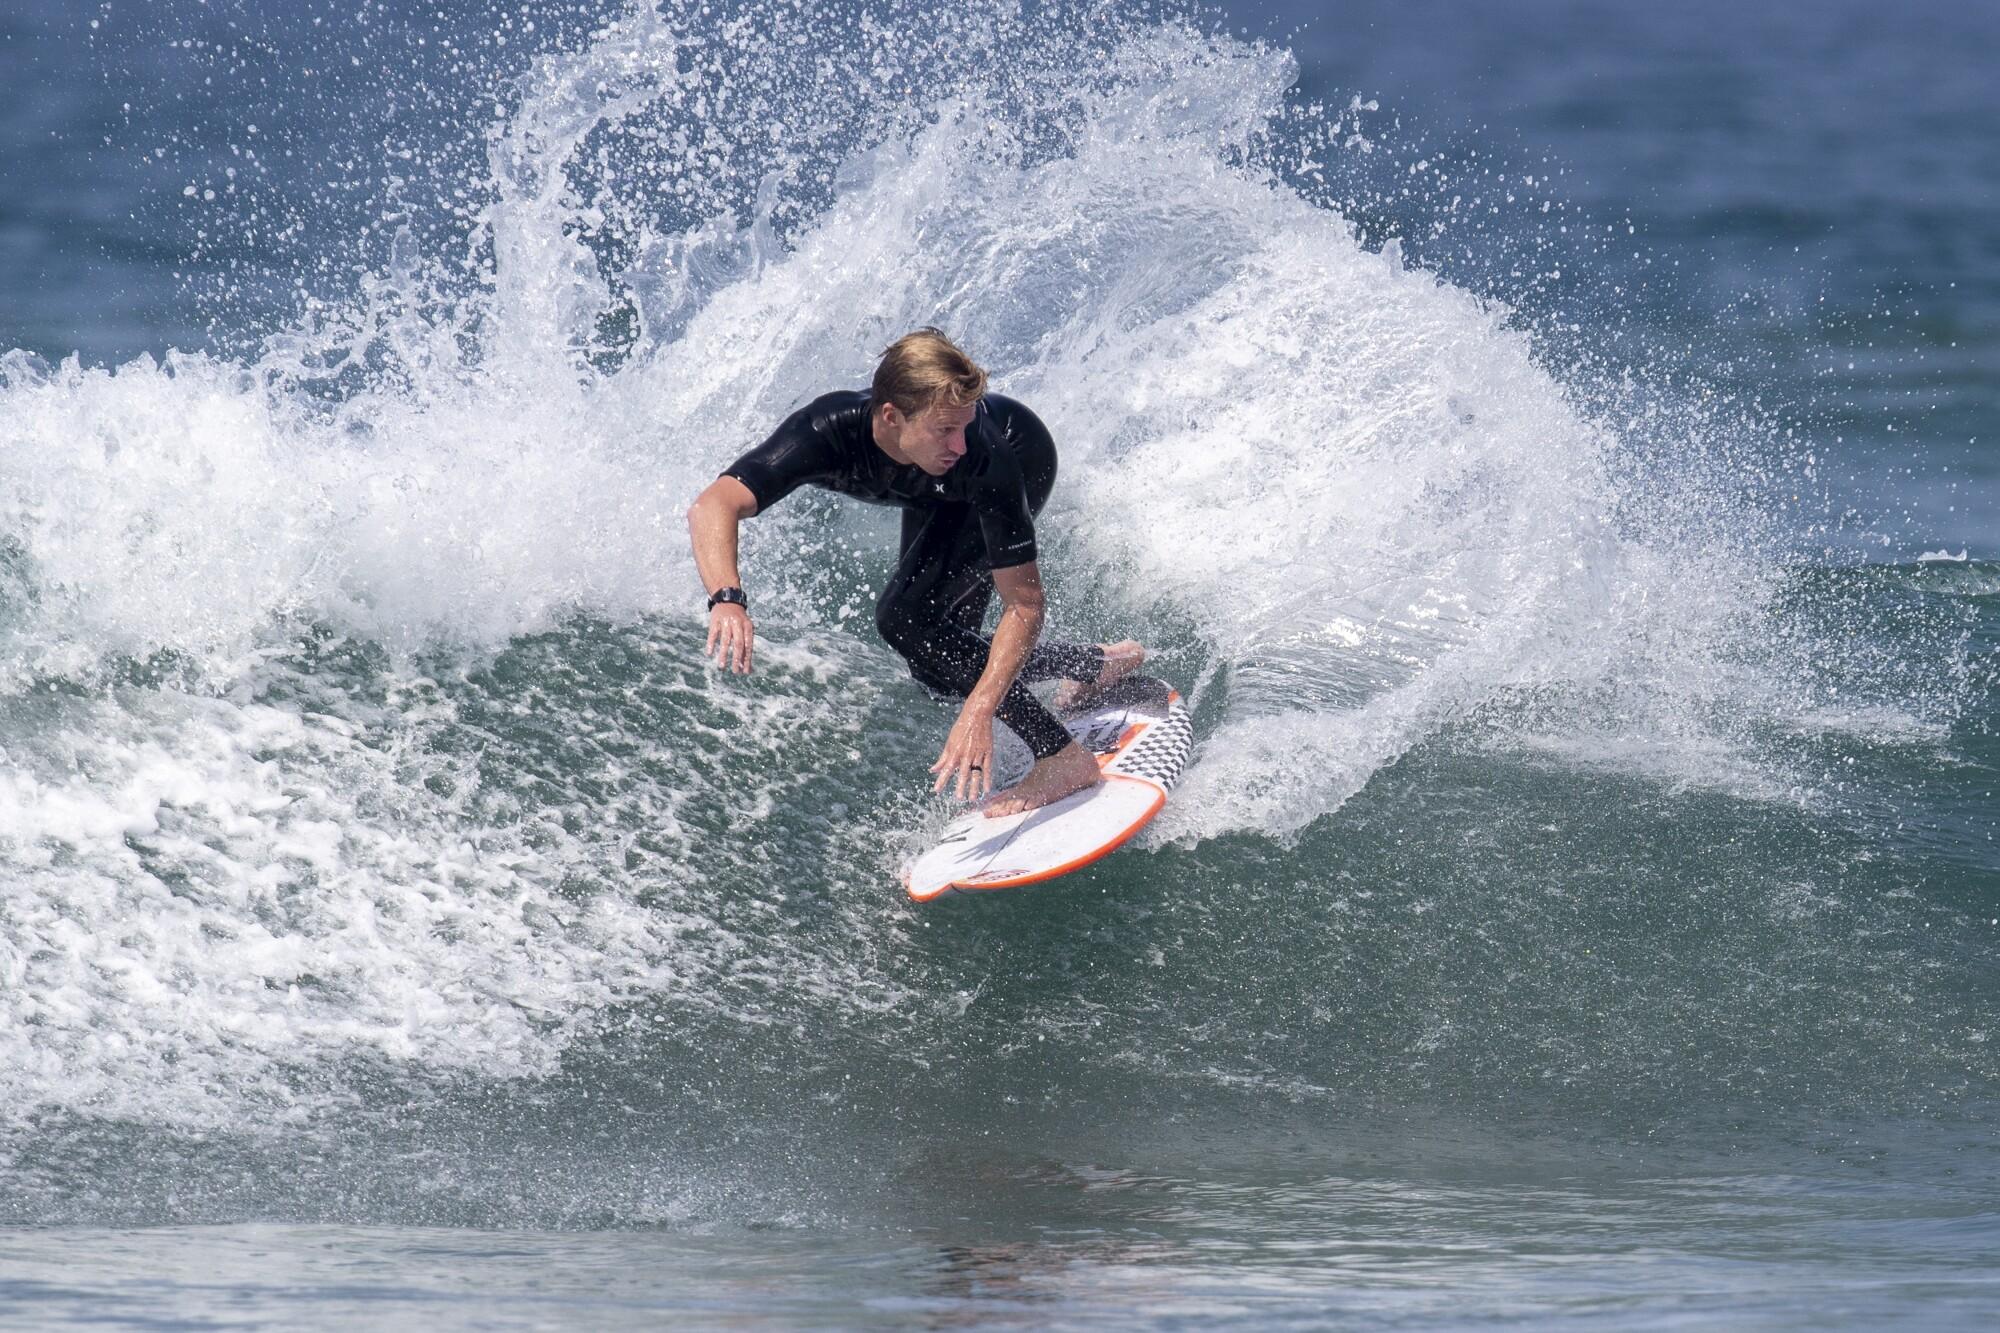 Kolohe Andino maneuvers on a small wave